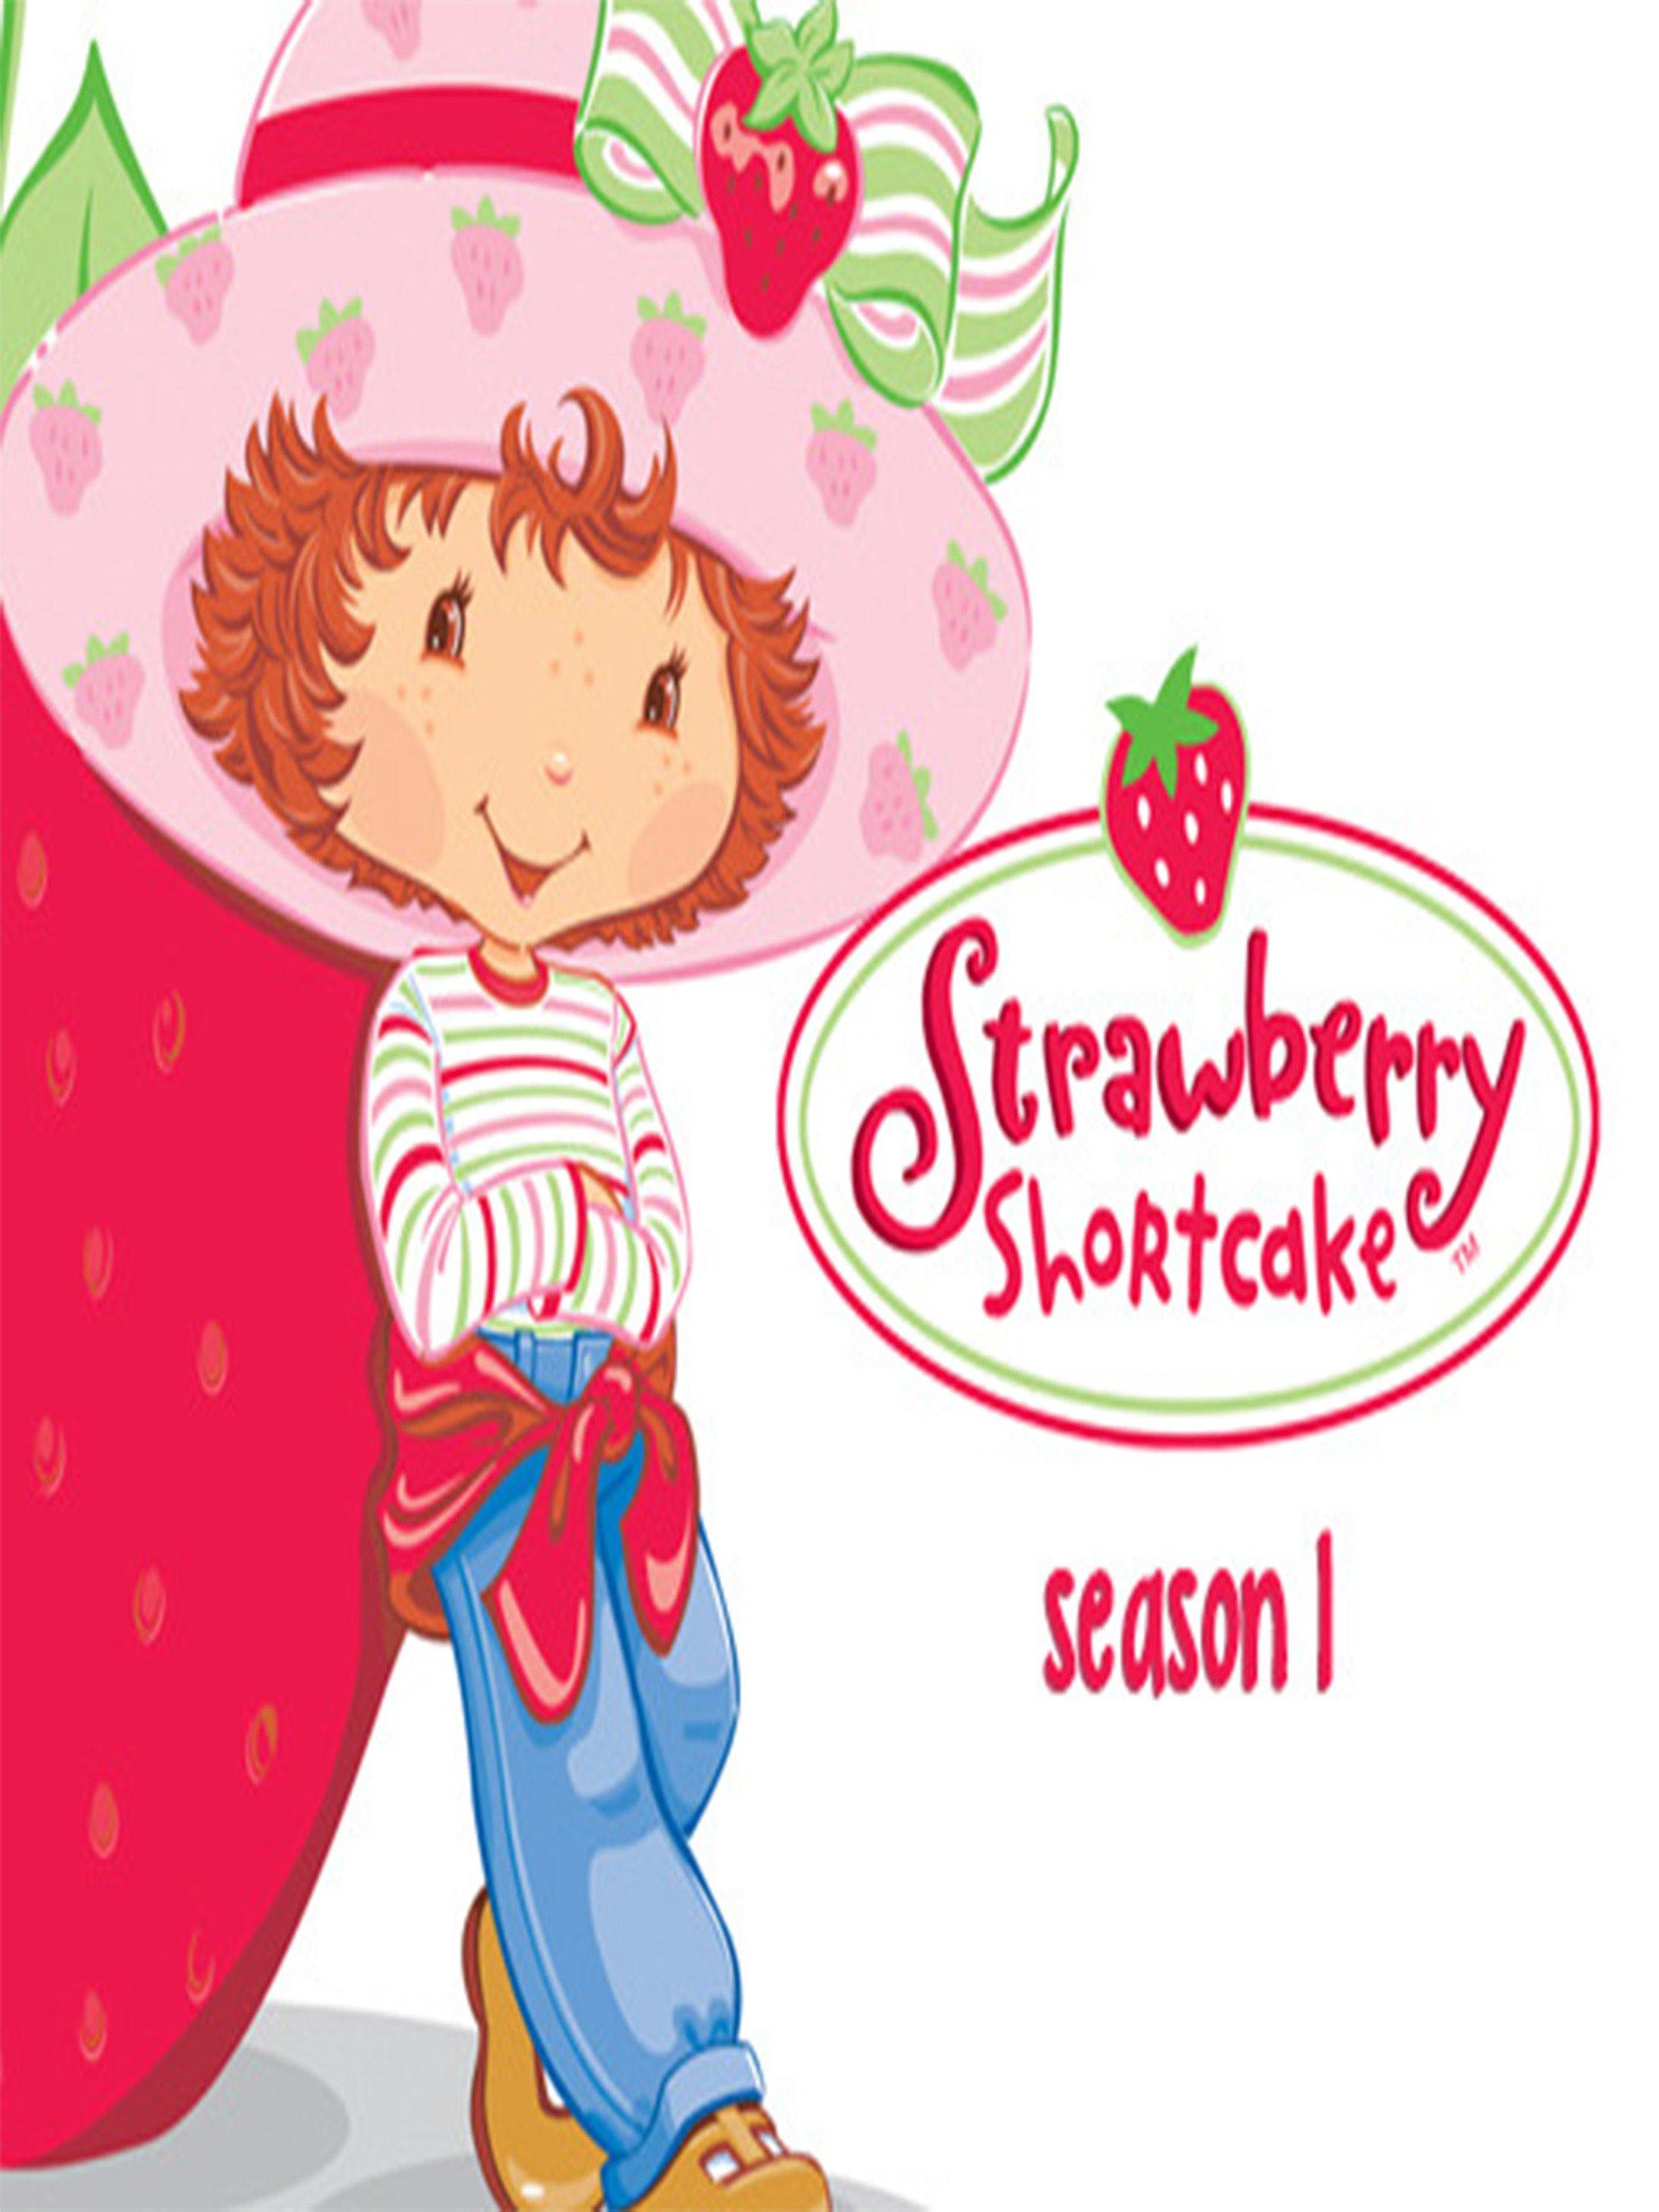 Watch Strawberry Shortcake Season 1 Prime Video